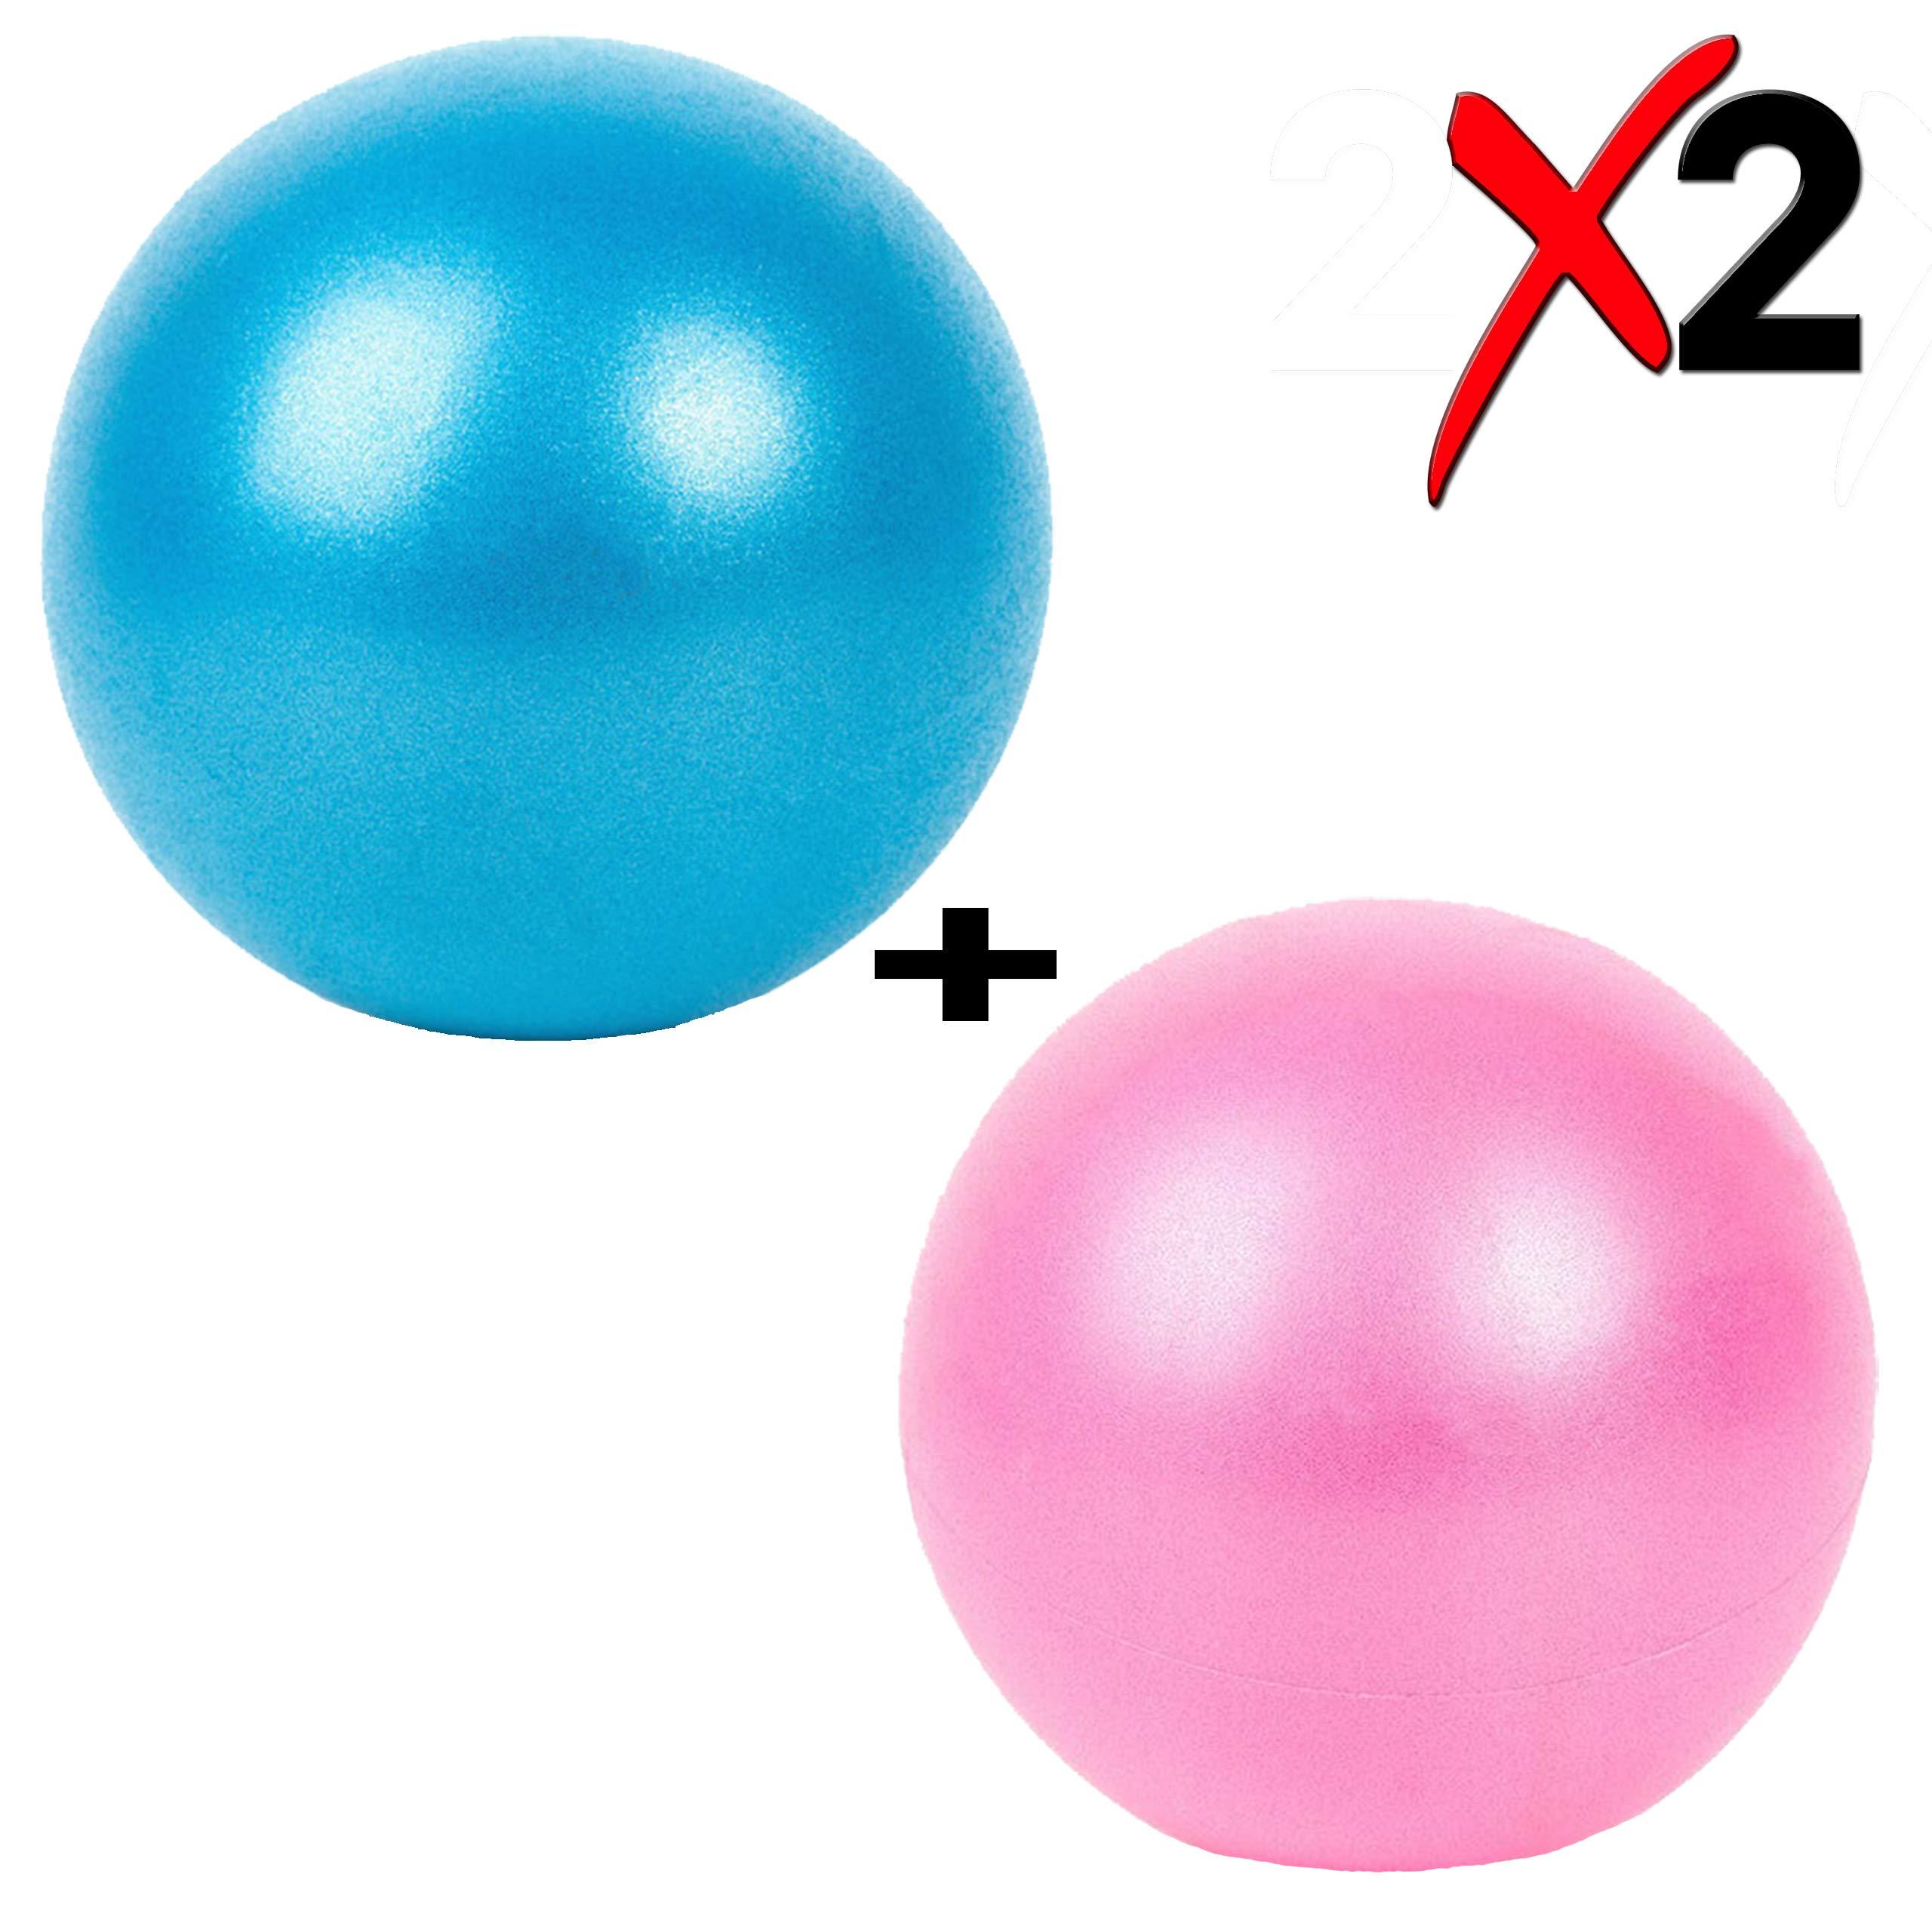 Slosy Pelota para Pilates Accesorios Gym Bola De Yoga Pack 2 Material De Gimnasio Balón Pequeño para Embarazadas De 25cm Entrenamiento Mini Ball Rosa Azul Mejora la Postura Rehabilitación: Amazon.es: Deportes y